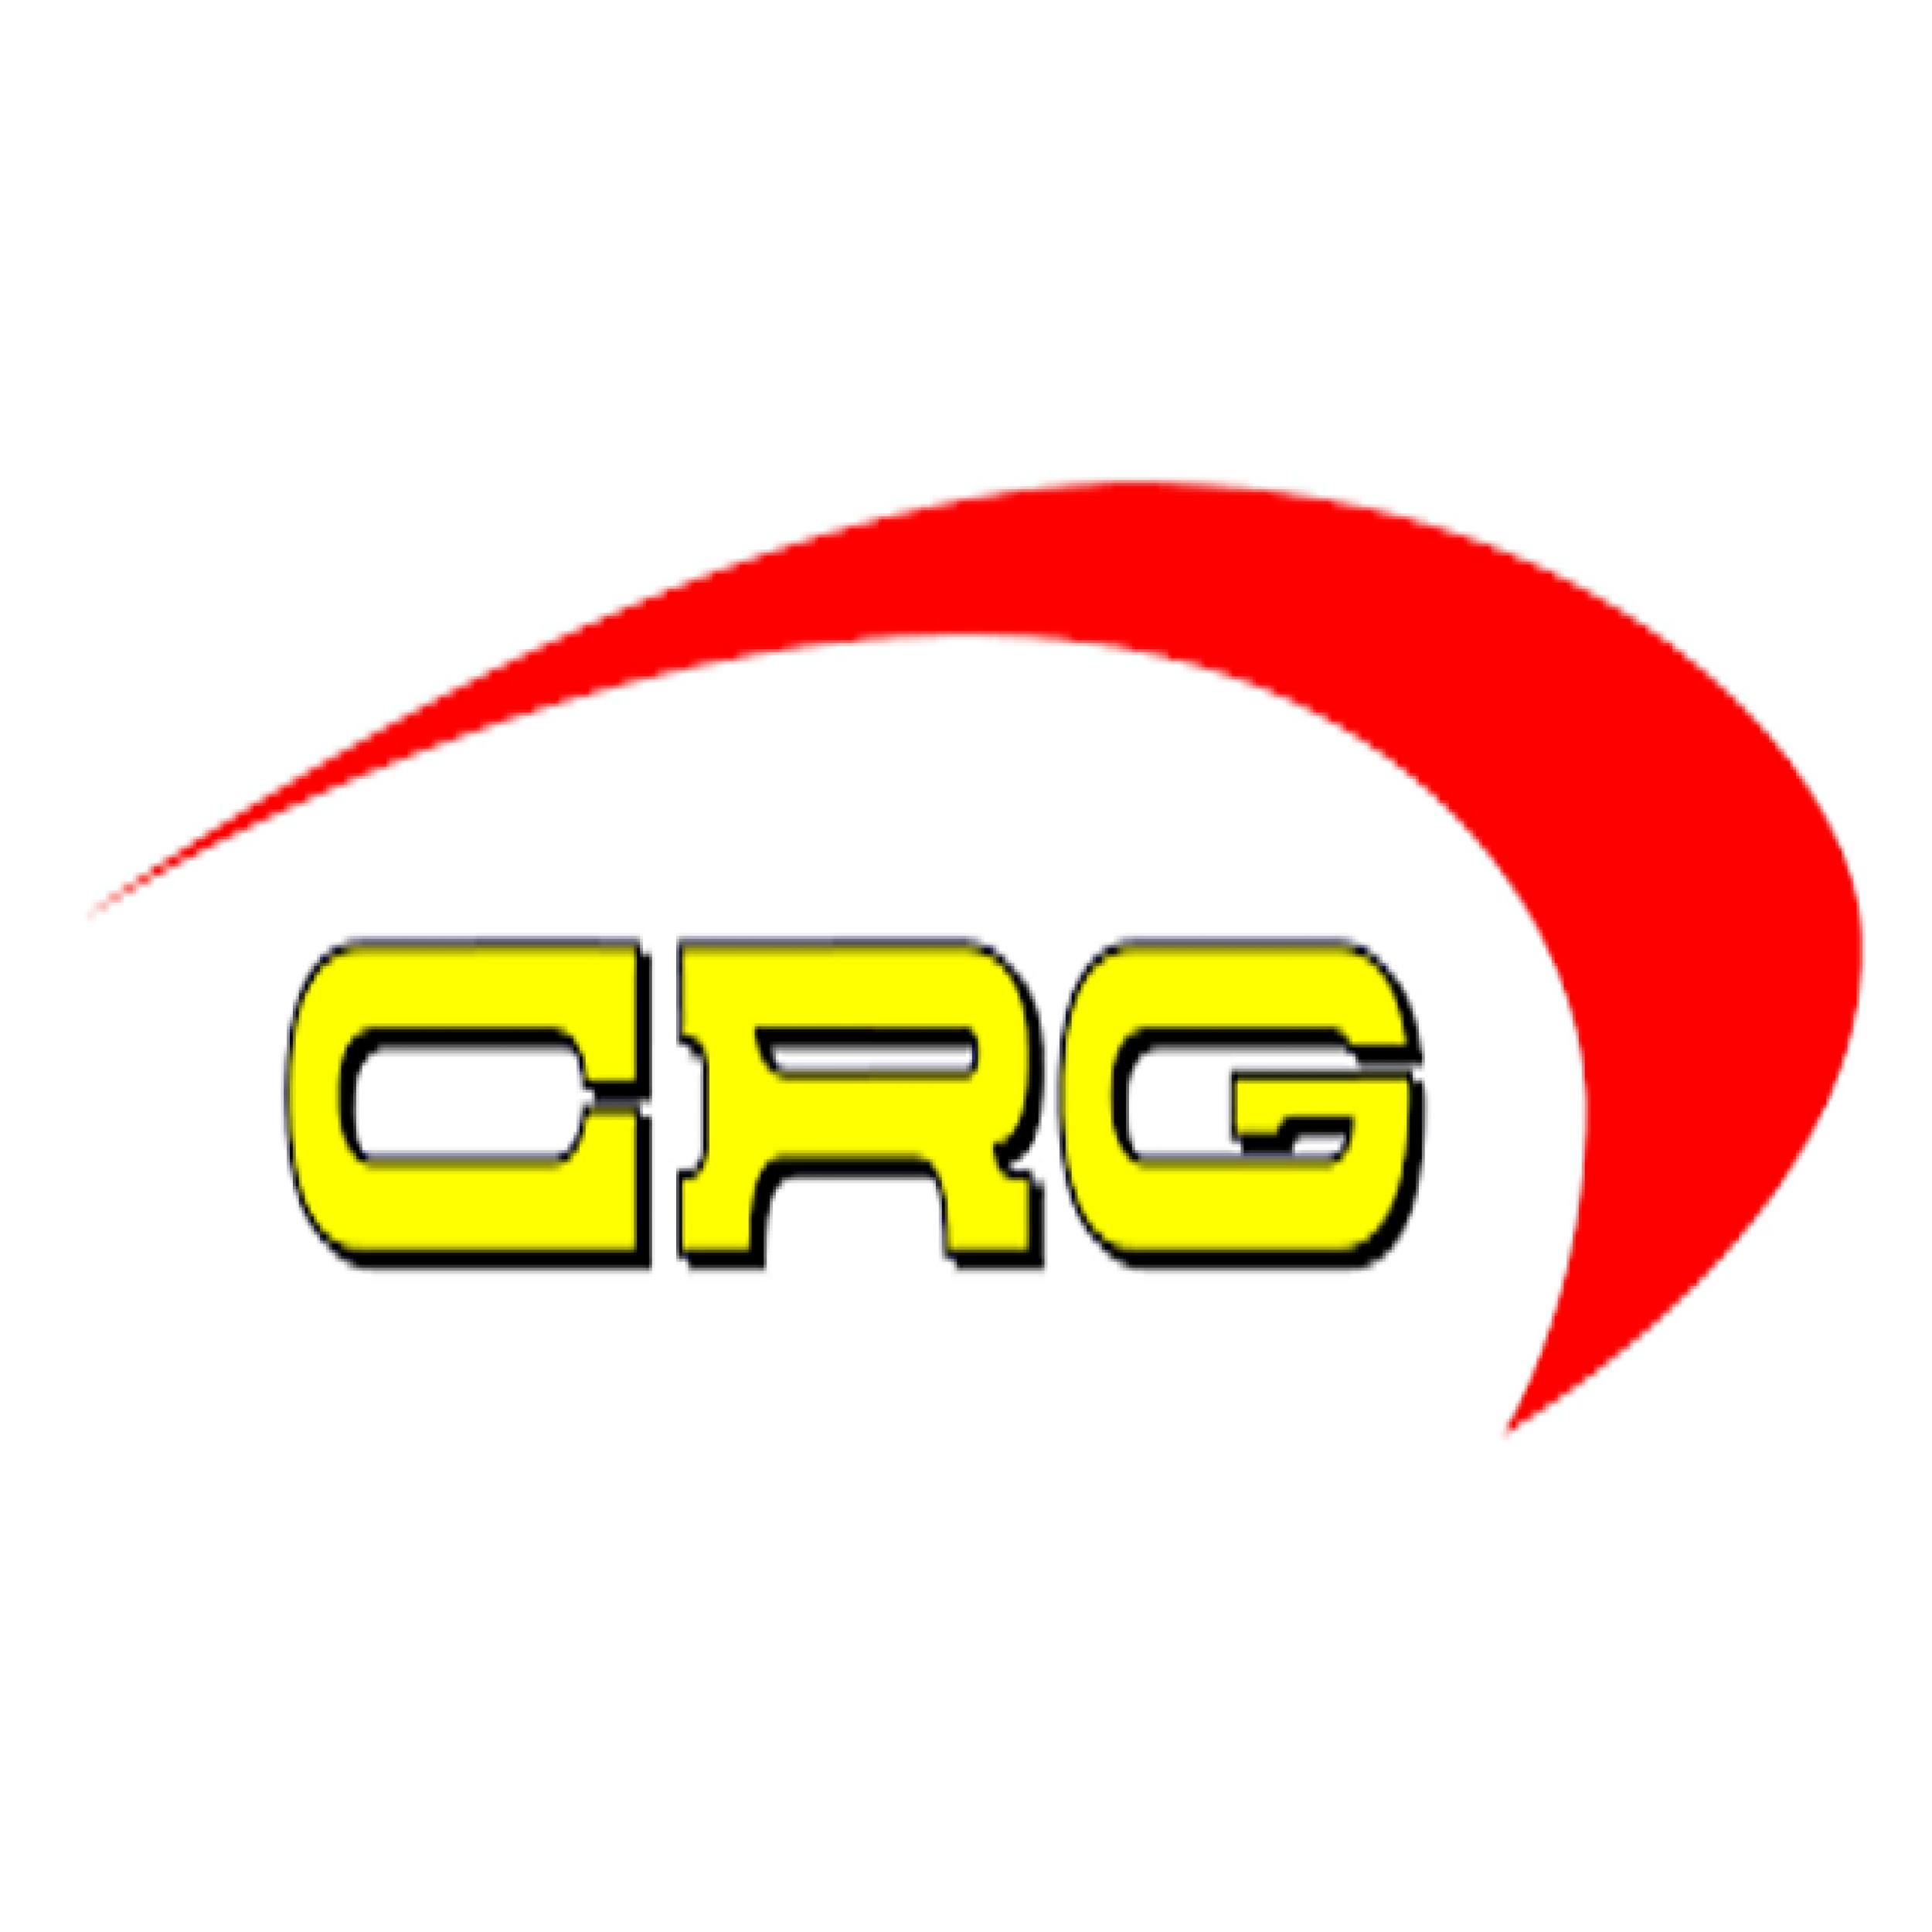 CATALOGS CRG